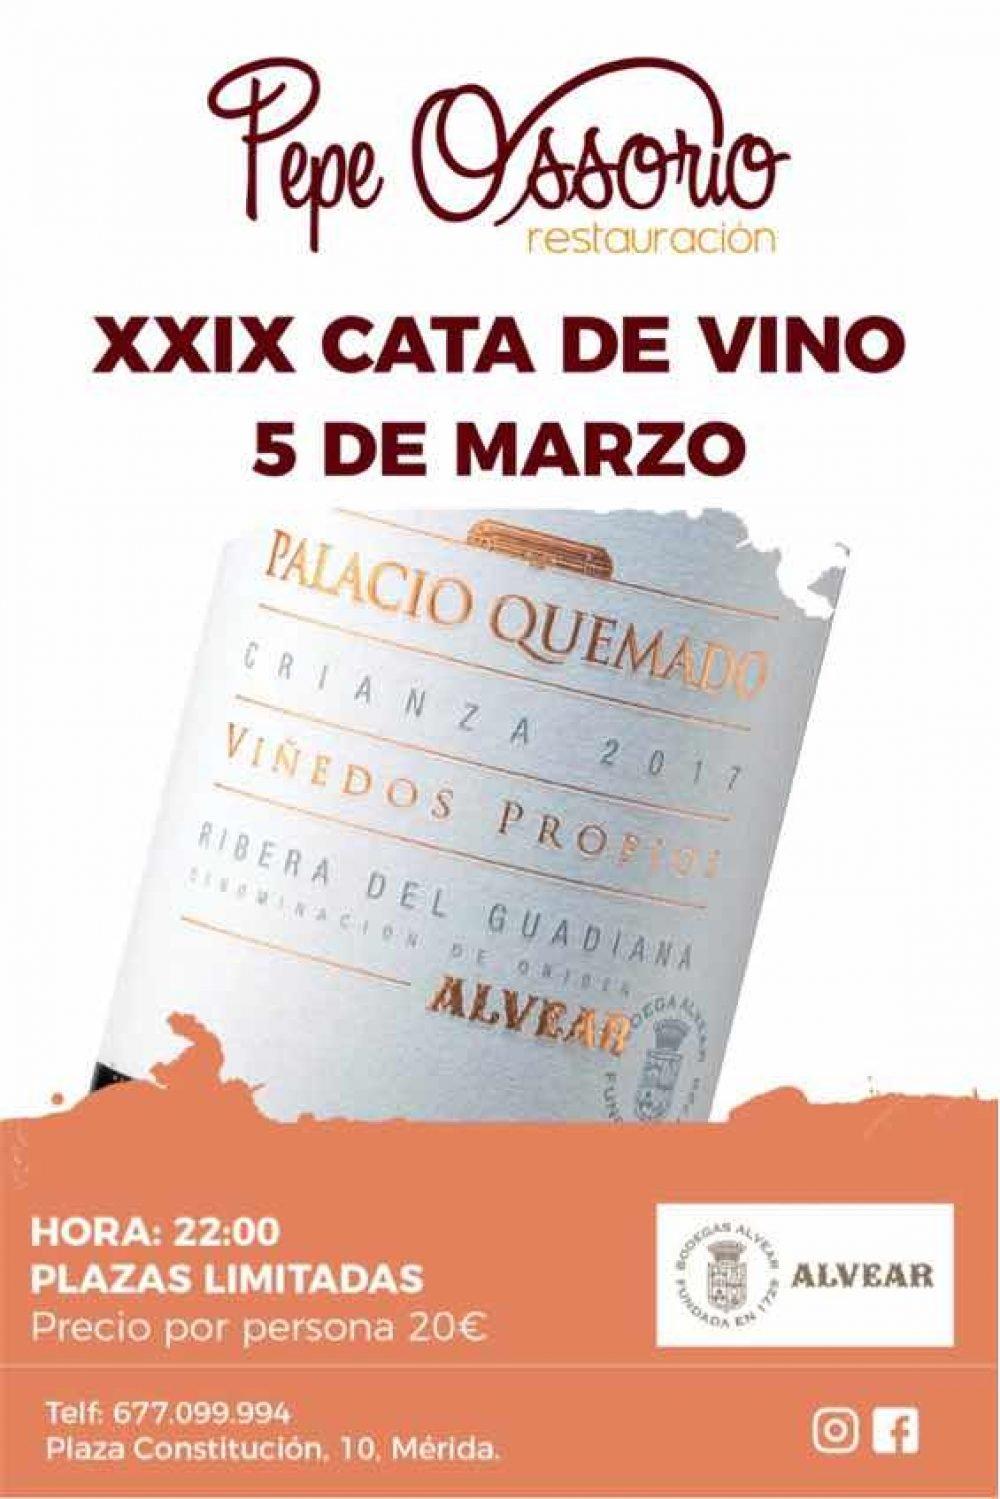 XXIX Cata de vino